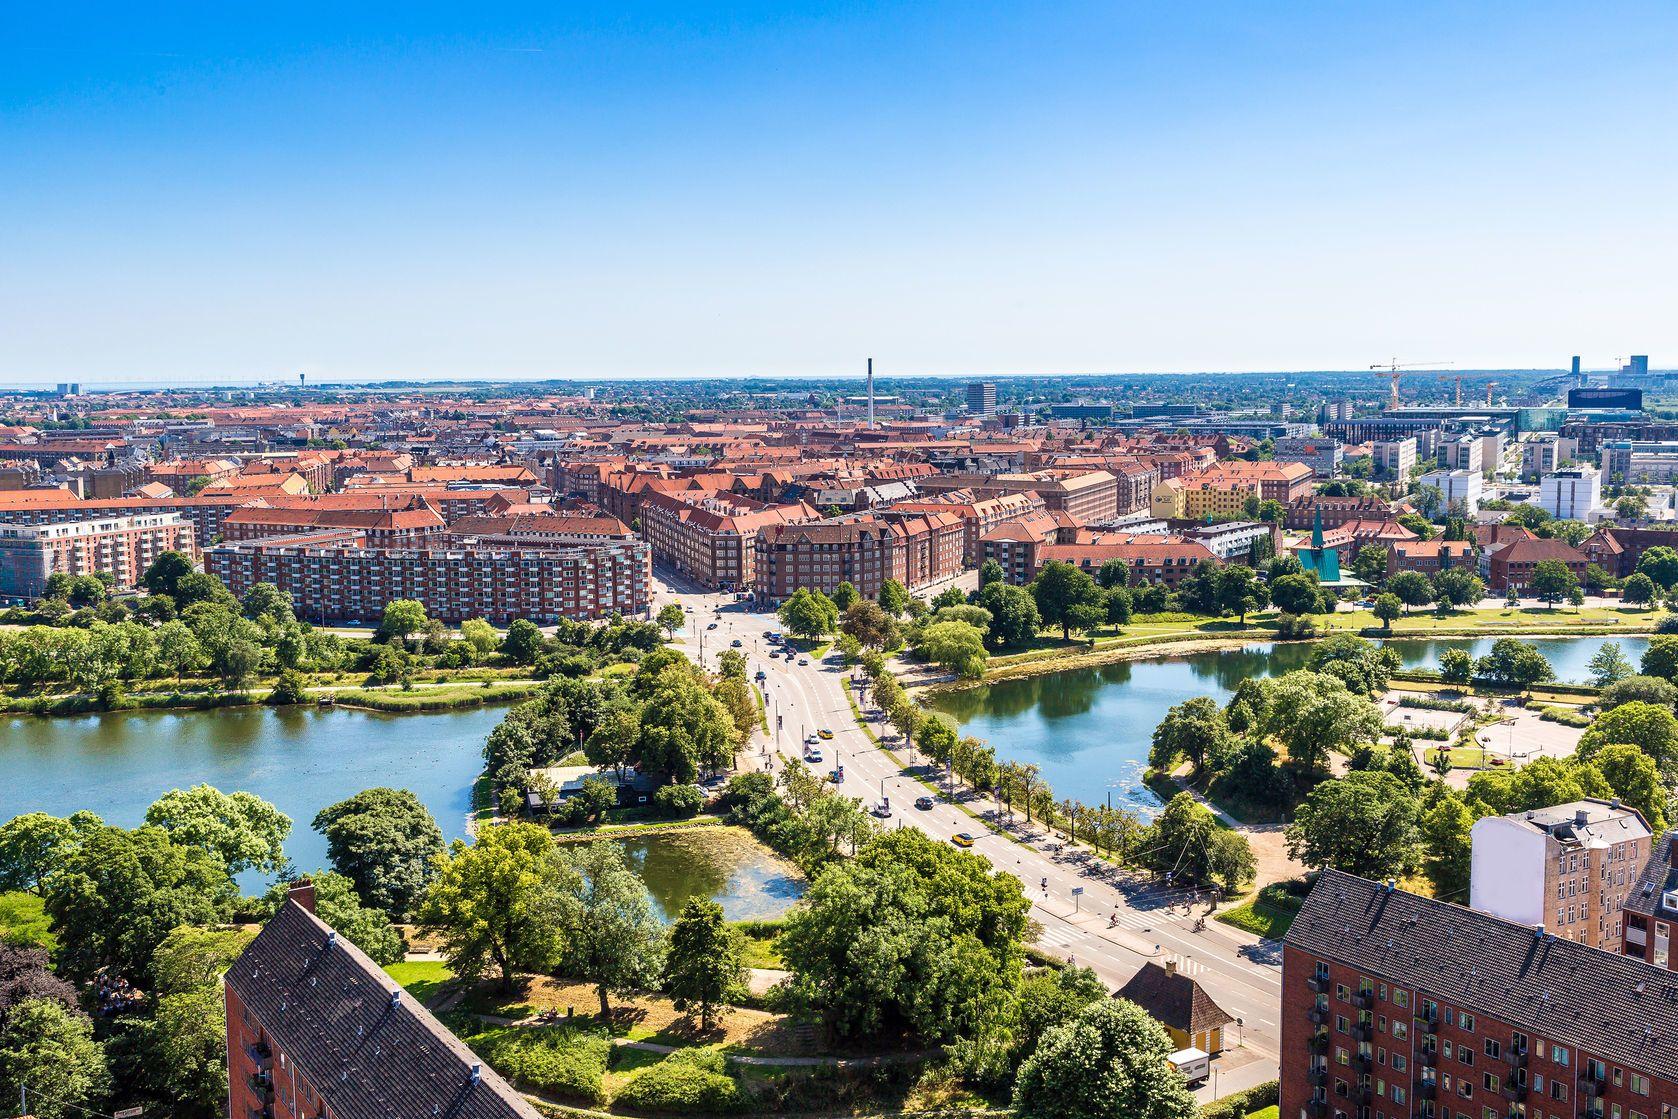 Pohled na dánské hlavní město Kodaň | bloodua/123RF.com